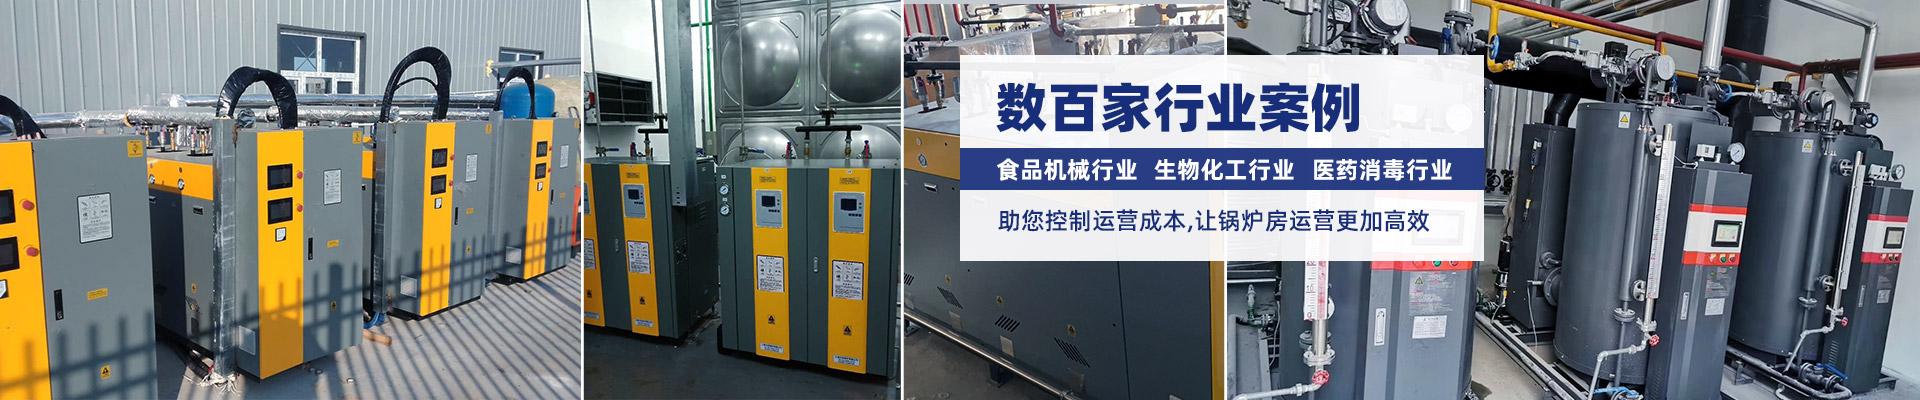 艾亚锅炉-电加热蒸汽发生器、燃气蒸汽发生器